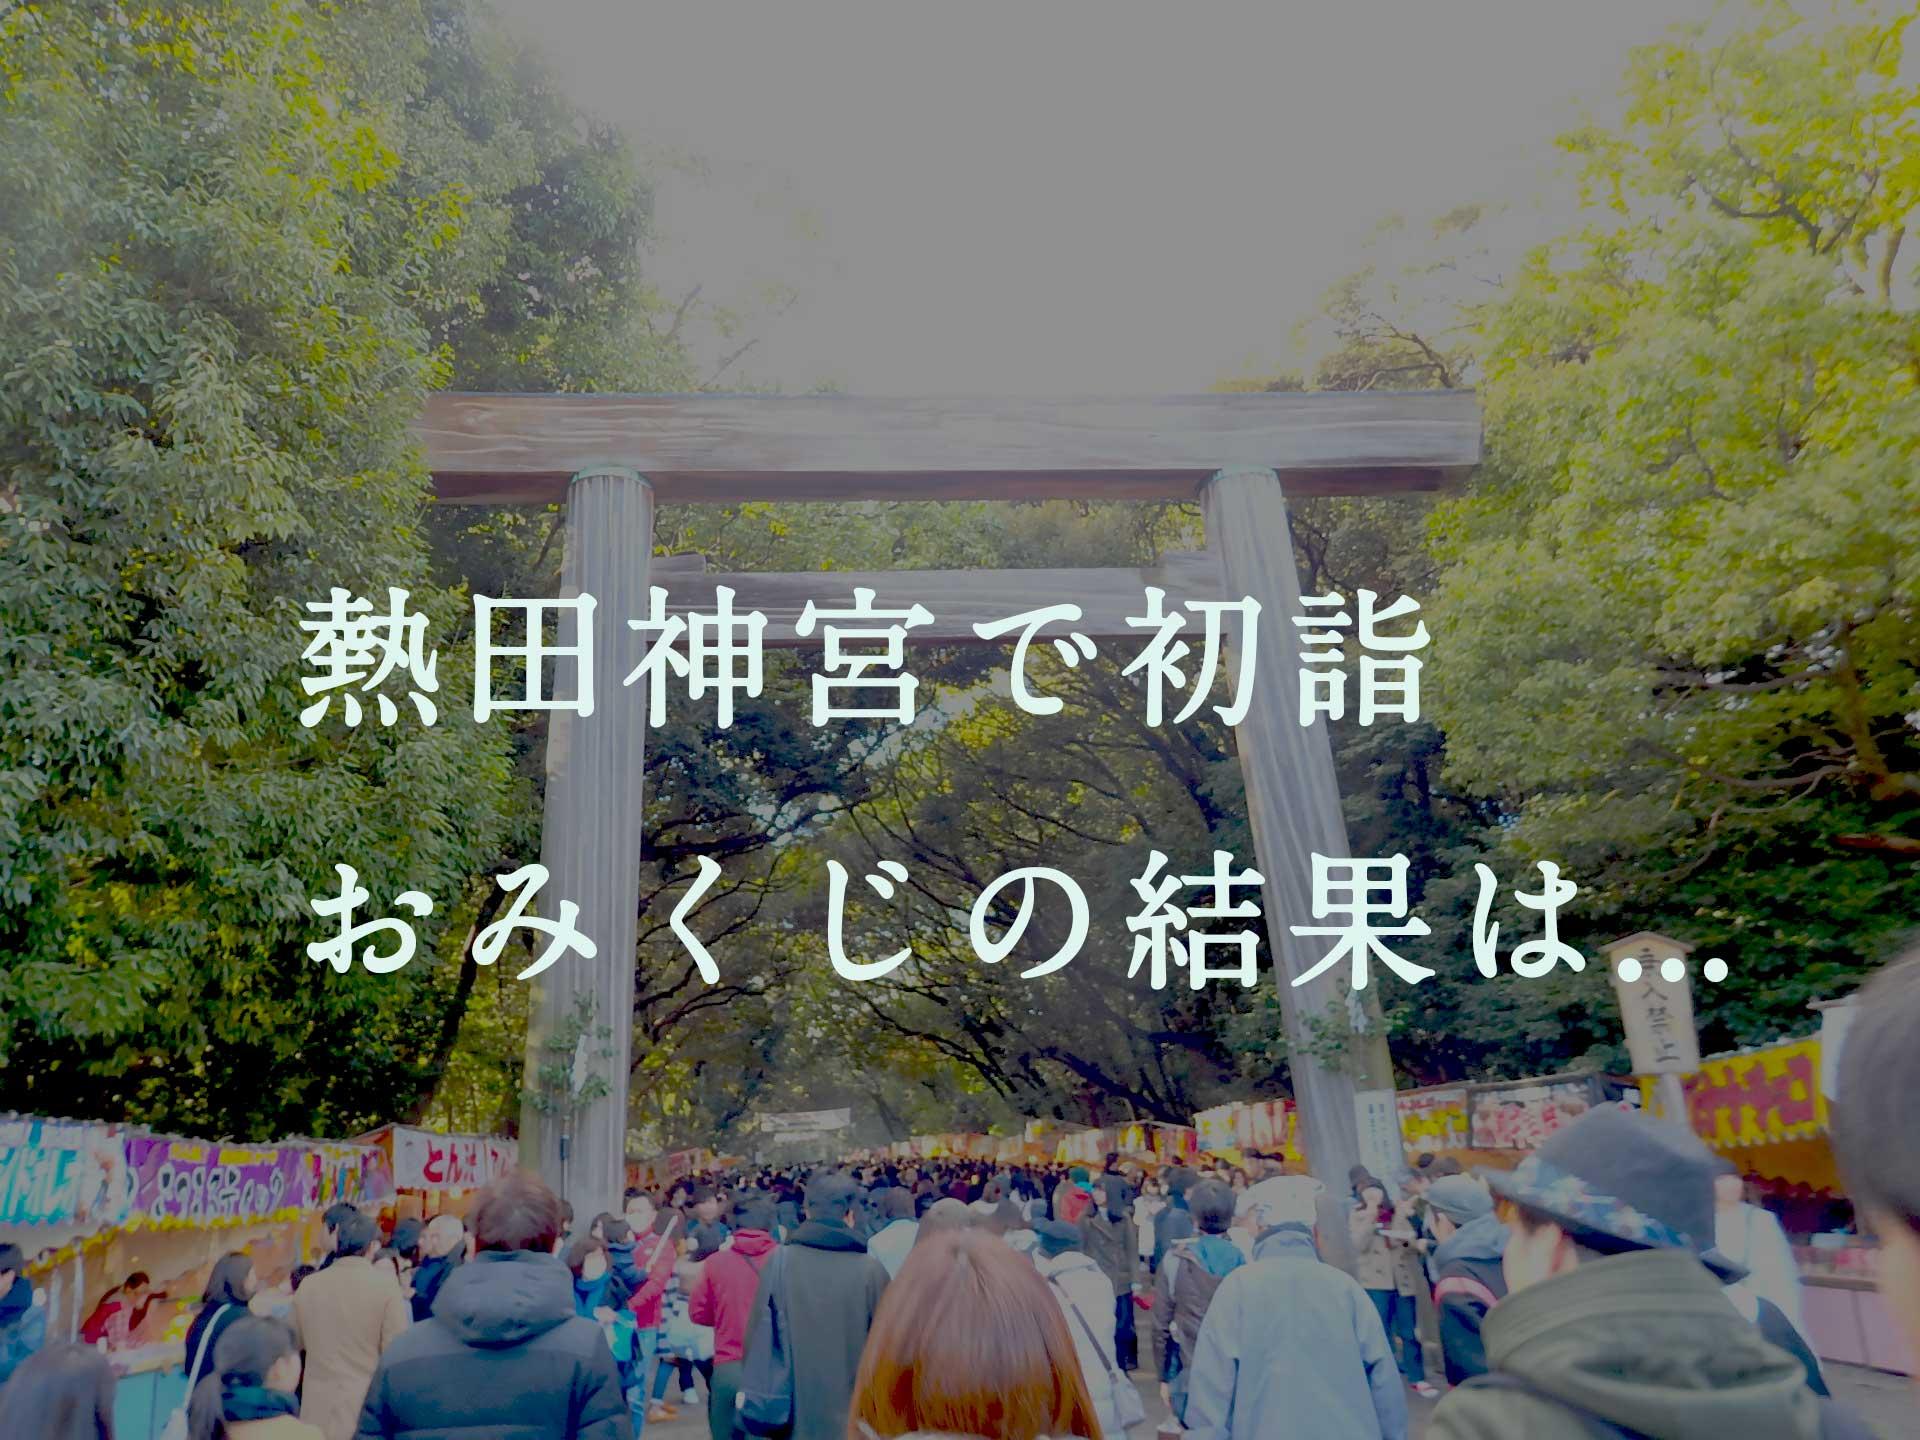 2018年の初詣は熱田神宮へ。おみくじのご利益がないことを願う【年末年始の営業情報】